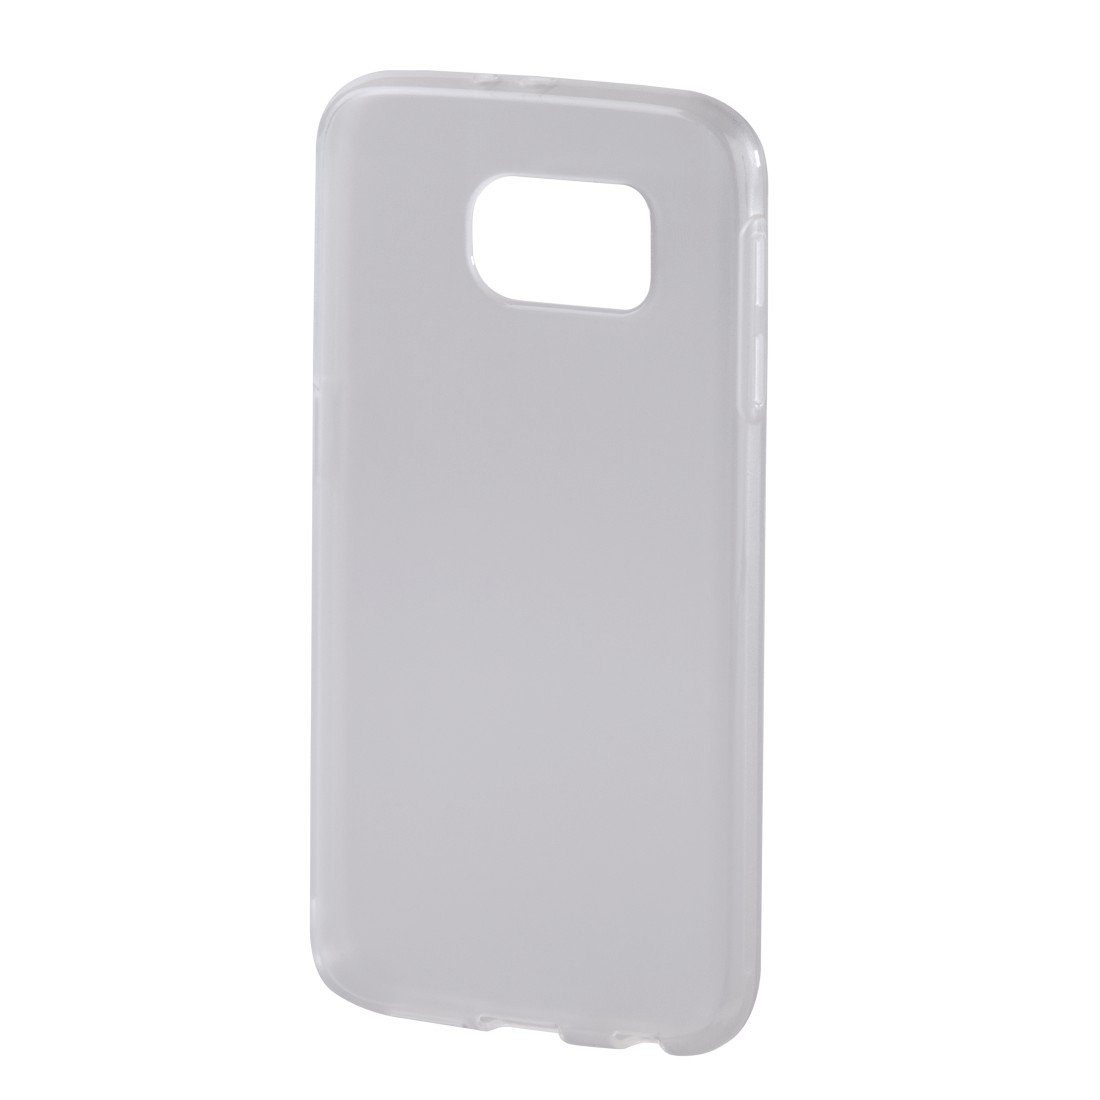 Hama Cover Schutzhülle Case für Samsung Galaxy S6 »Hülle für S6, transparent«